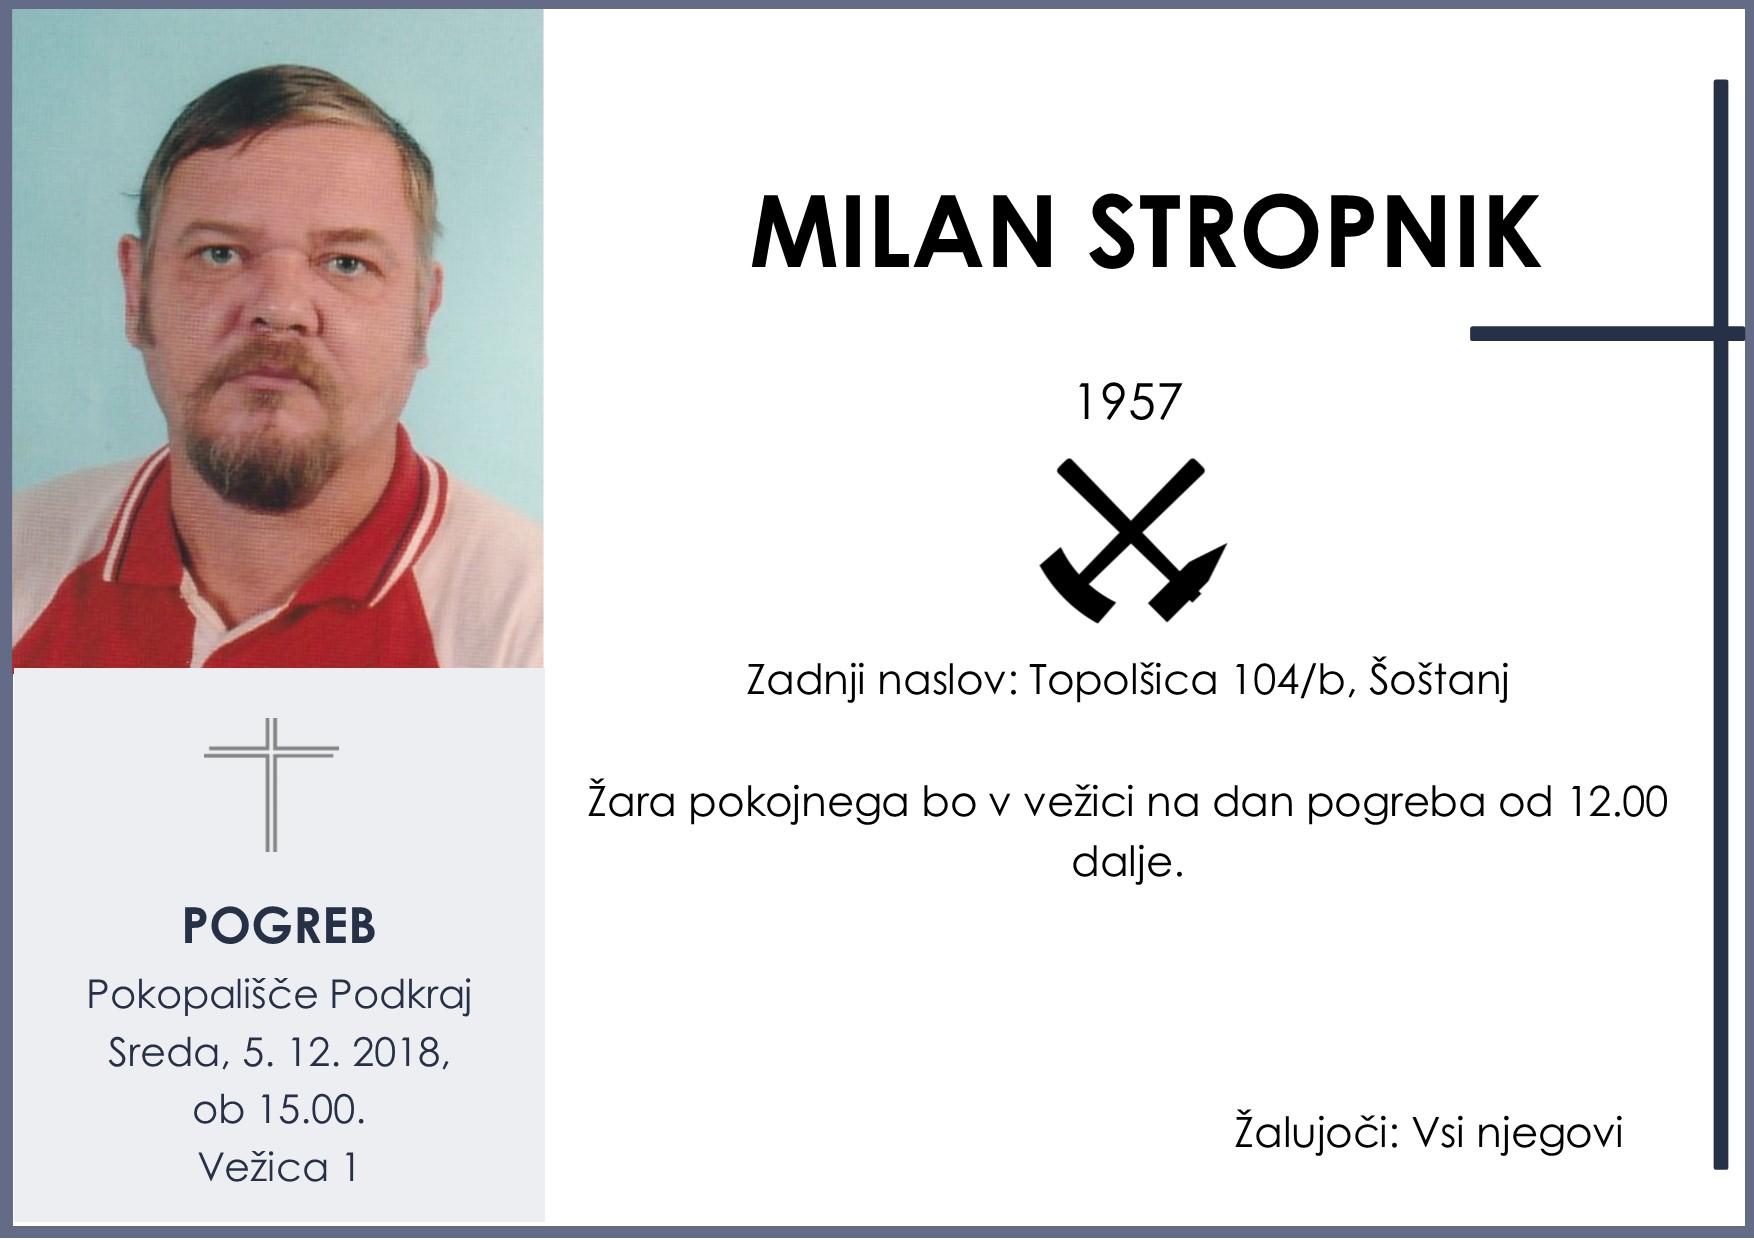 MILAN STROPNIK, Podkraj, 05. 12. 2018